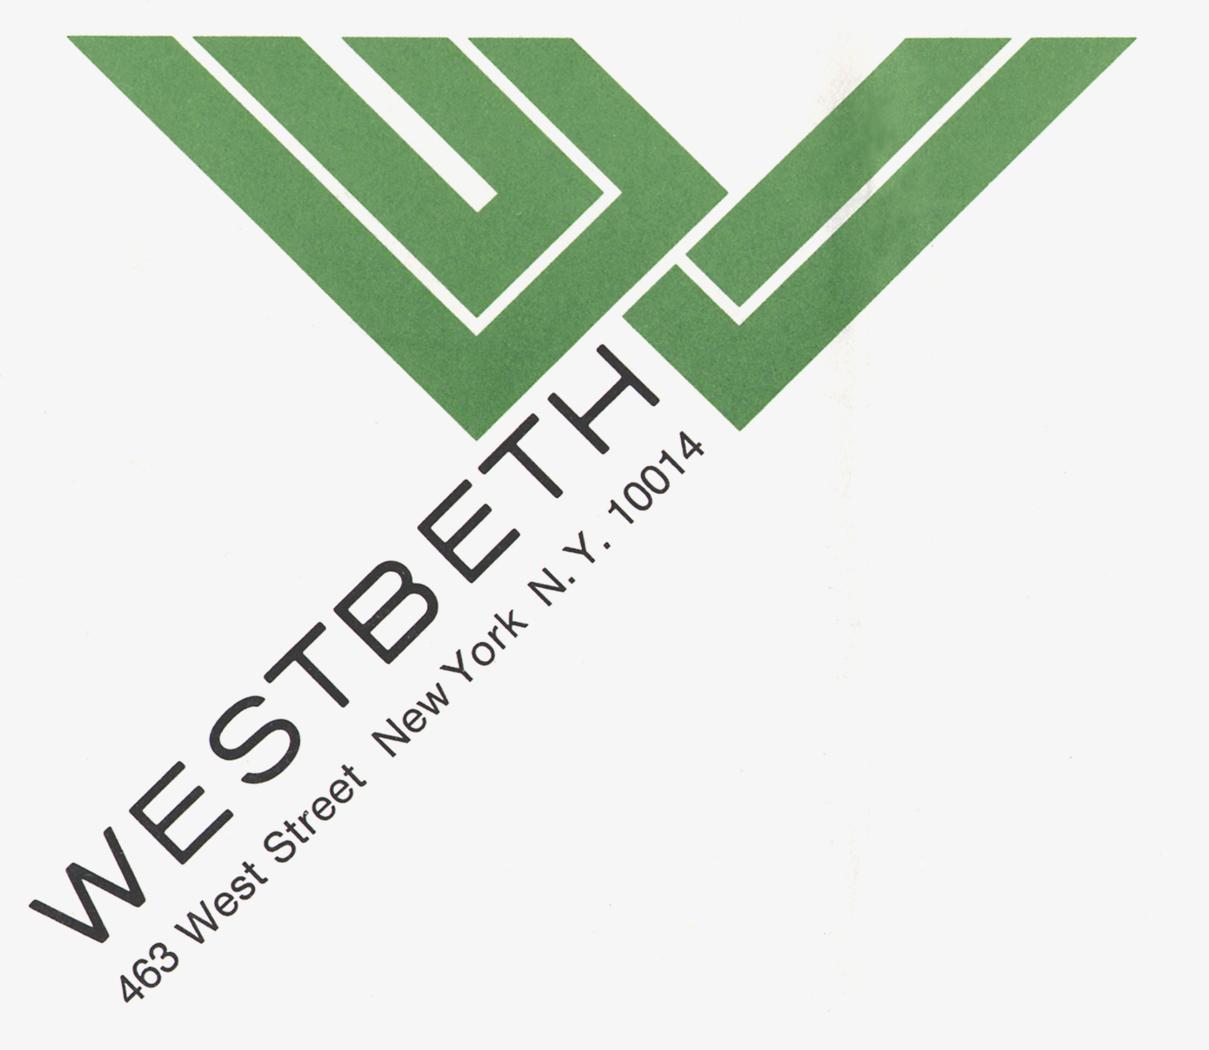 1967-Westbeth-ArtistsHousin.jpg